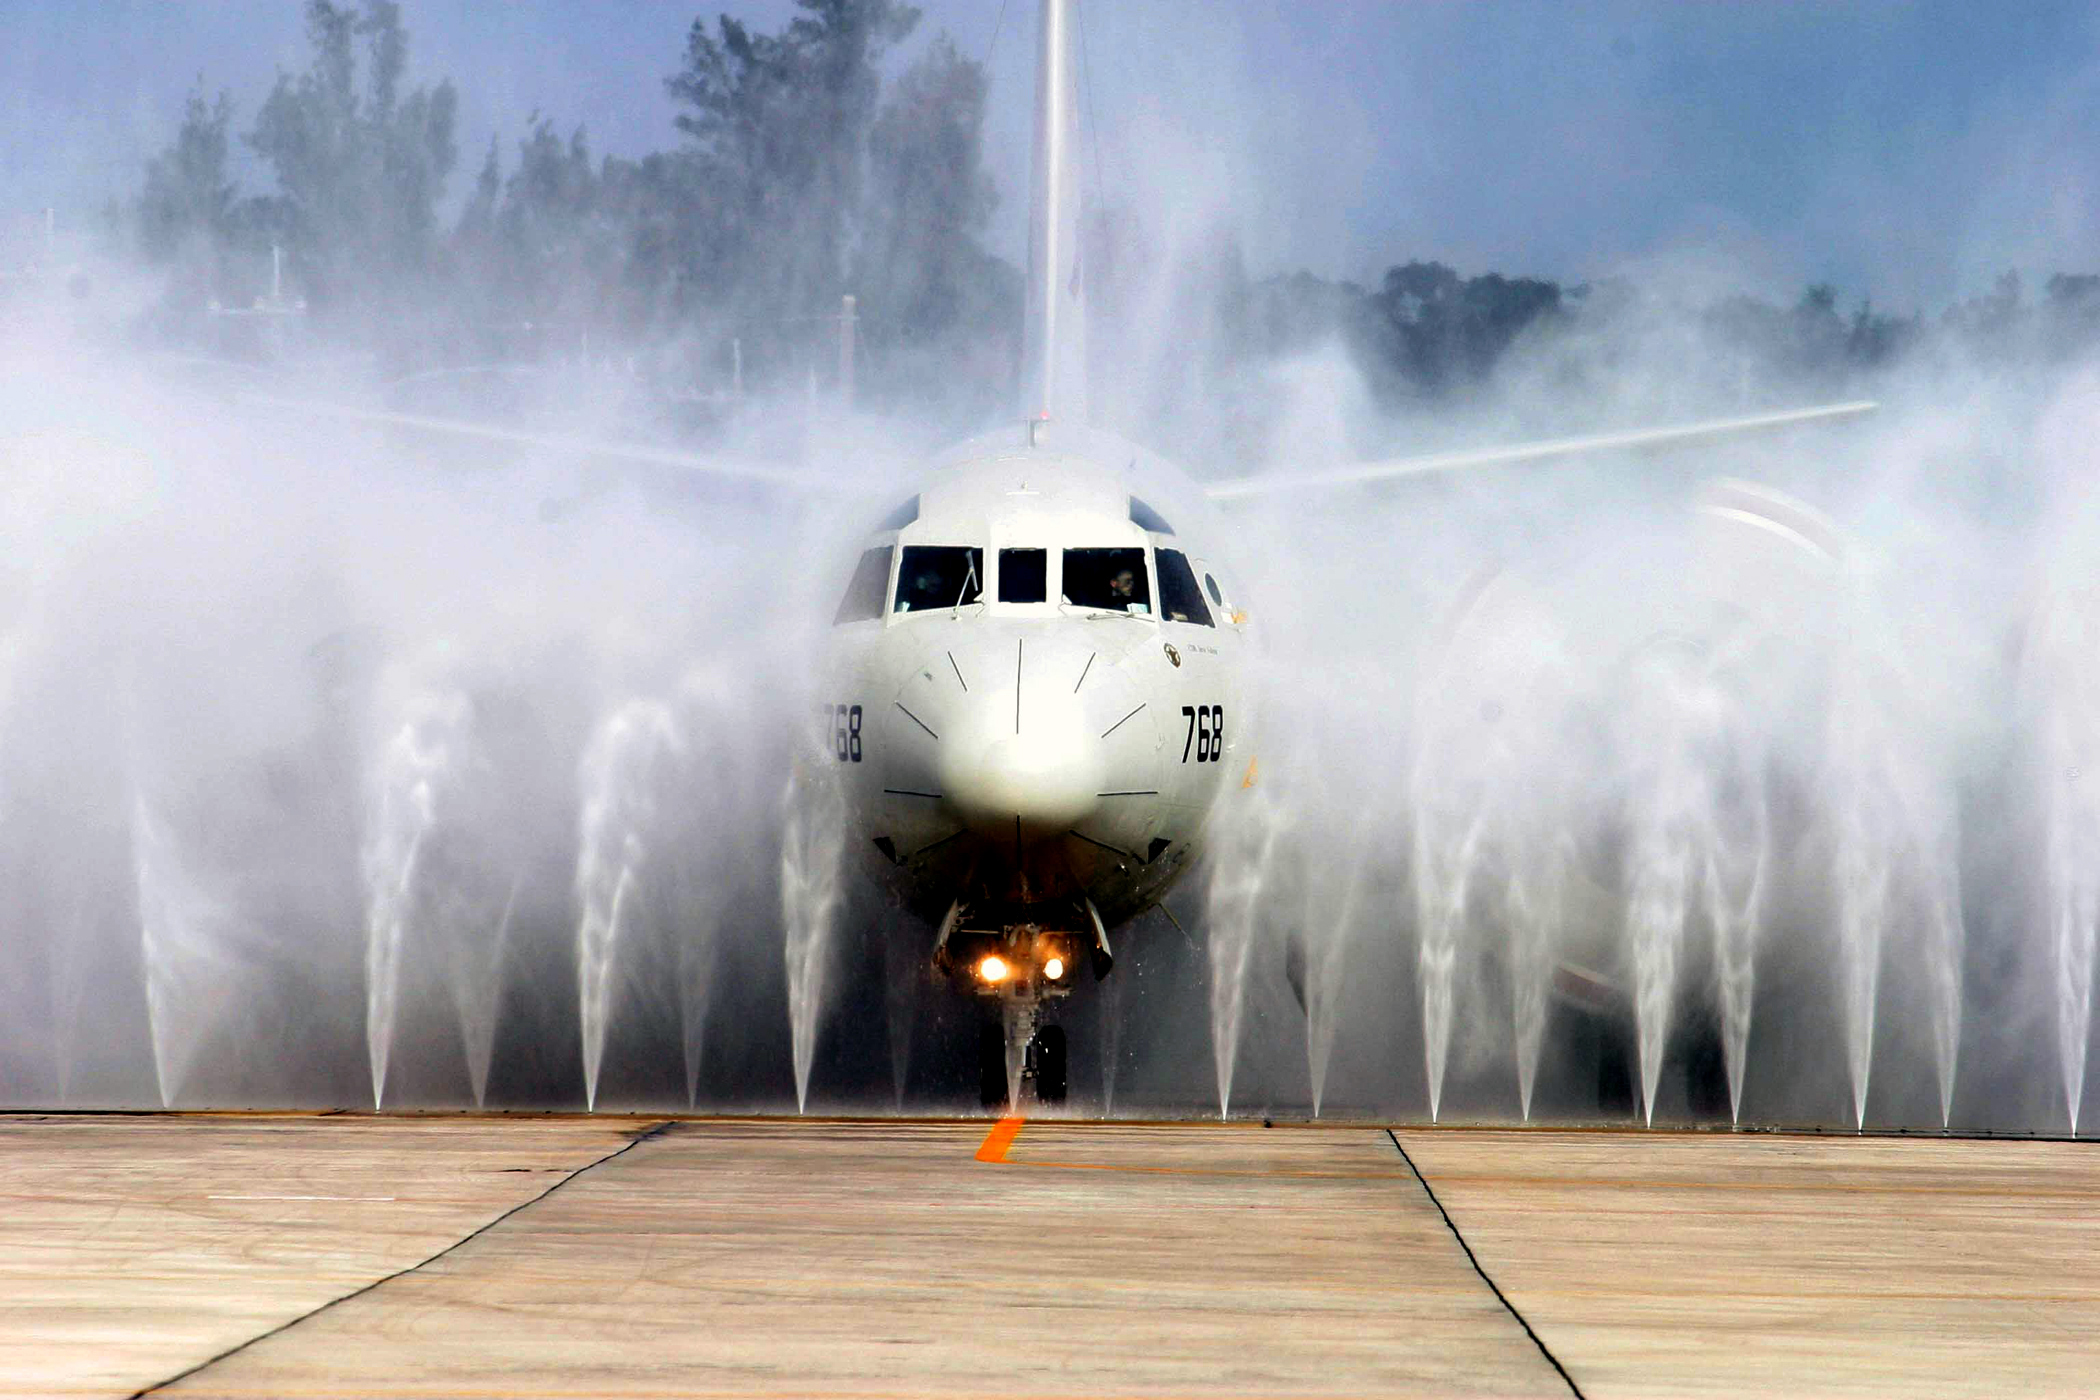 Забронировав билет на самолет из Москвы в Ташкент, в среднем Вы затратите на поездку 3 часа 50 минут.